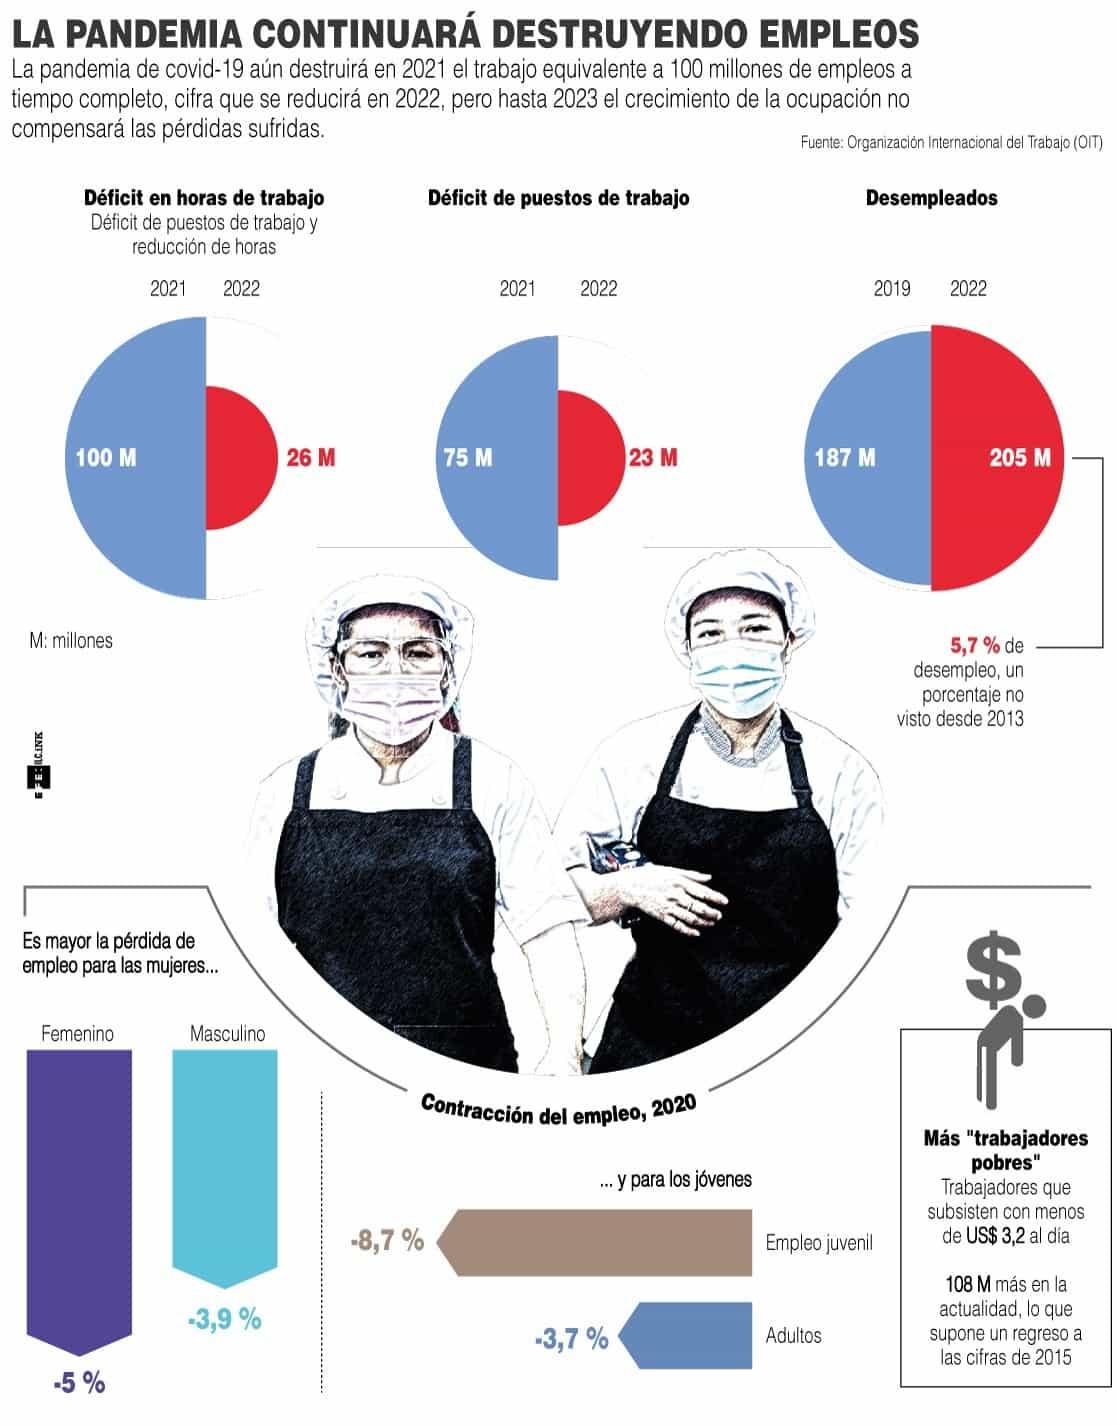 [Infografía] - La pandemia continuará destruyendo empleos 1